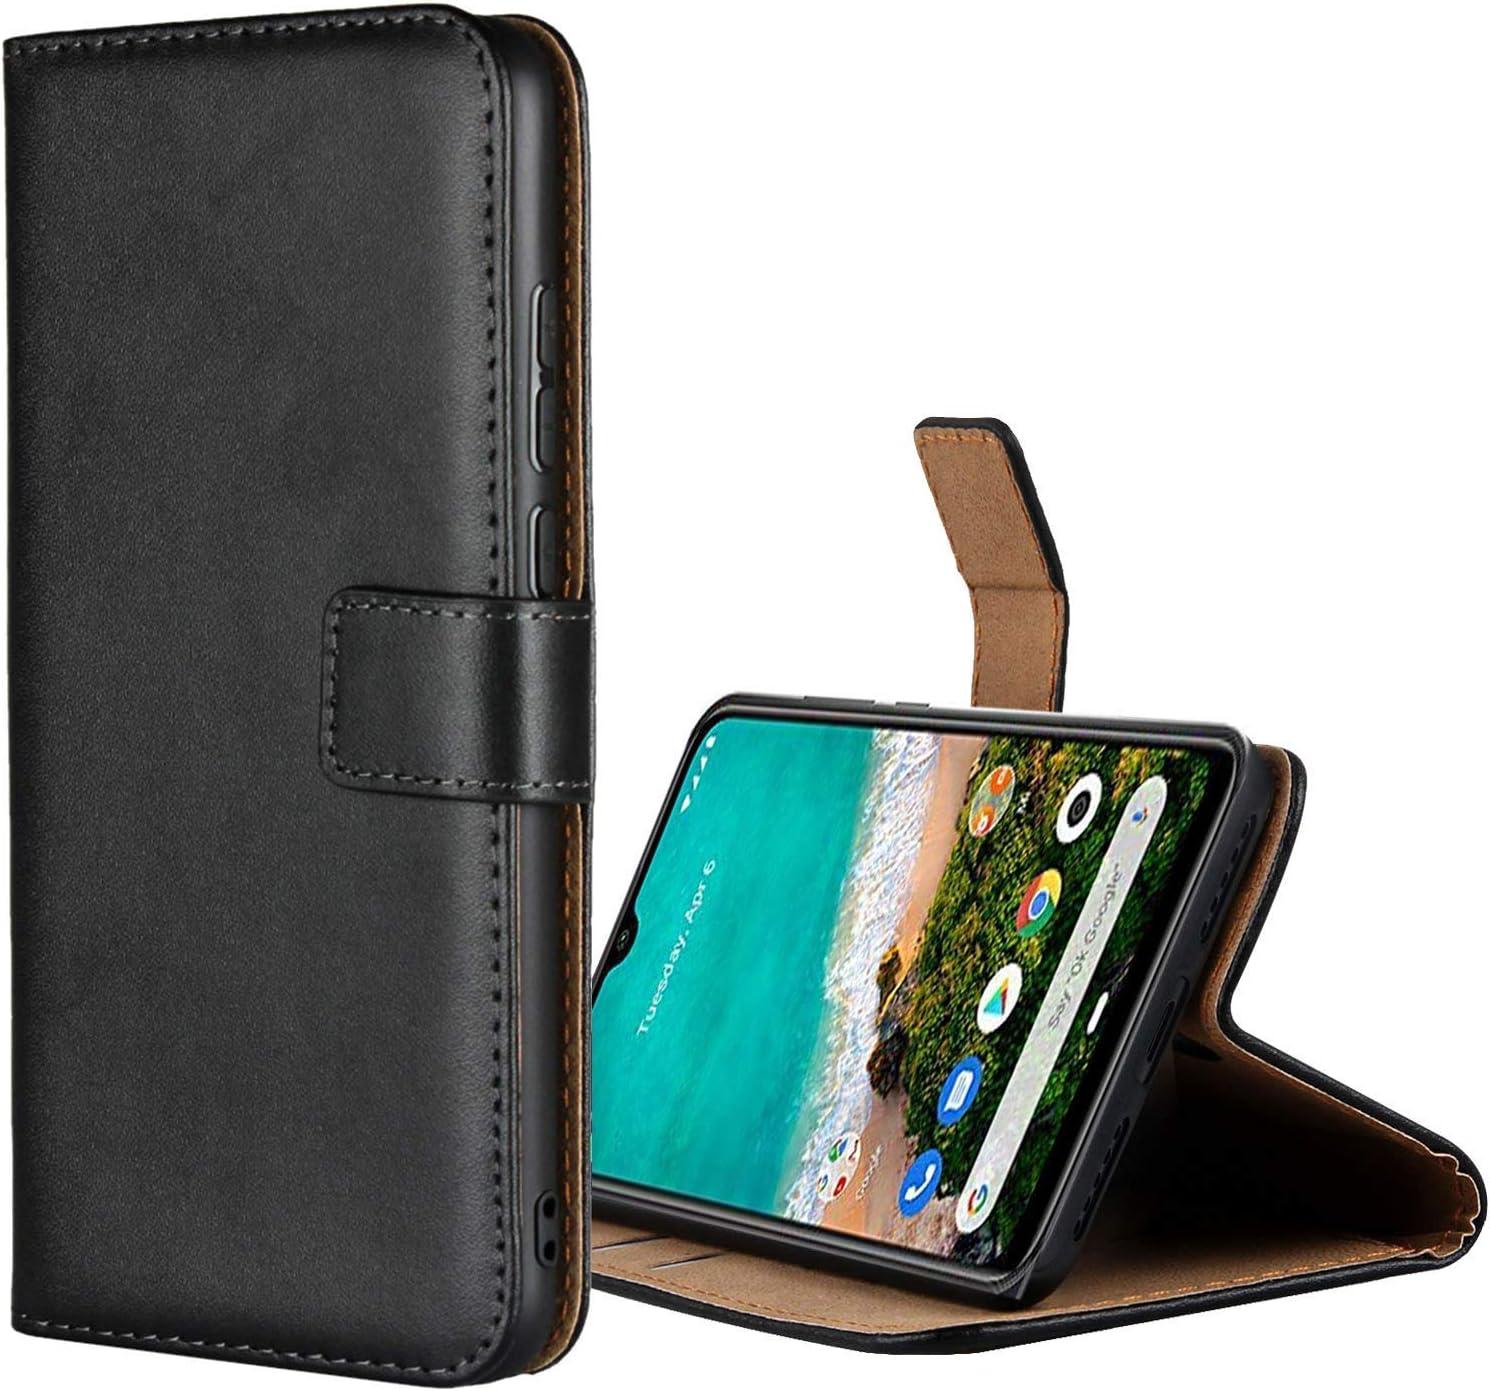 Aopan Xiaomi Mi A3 Funda, Flip Funda de Cuero Genuina Piel Carcasa para Xiaomi Mi A3, Negro